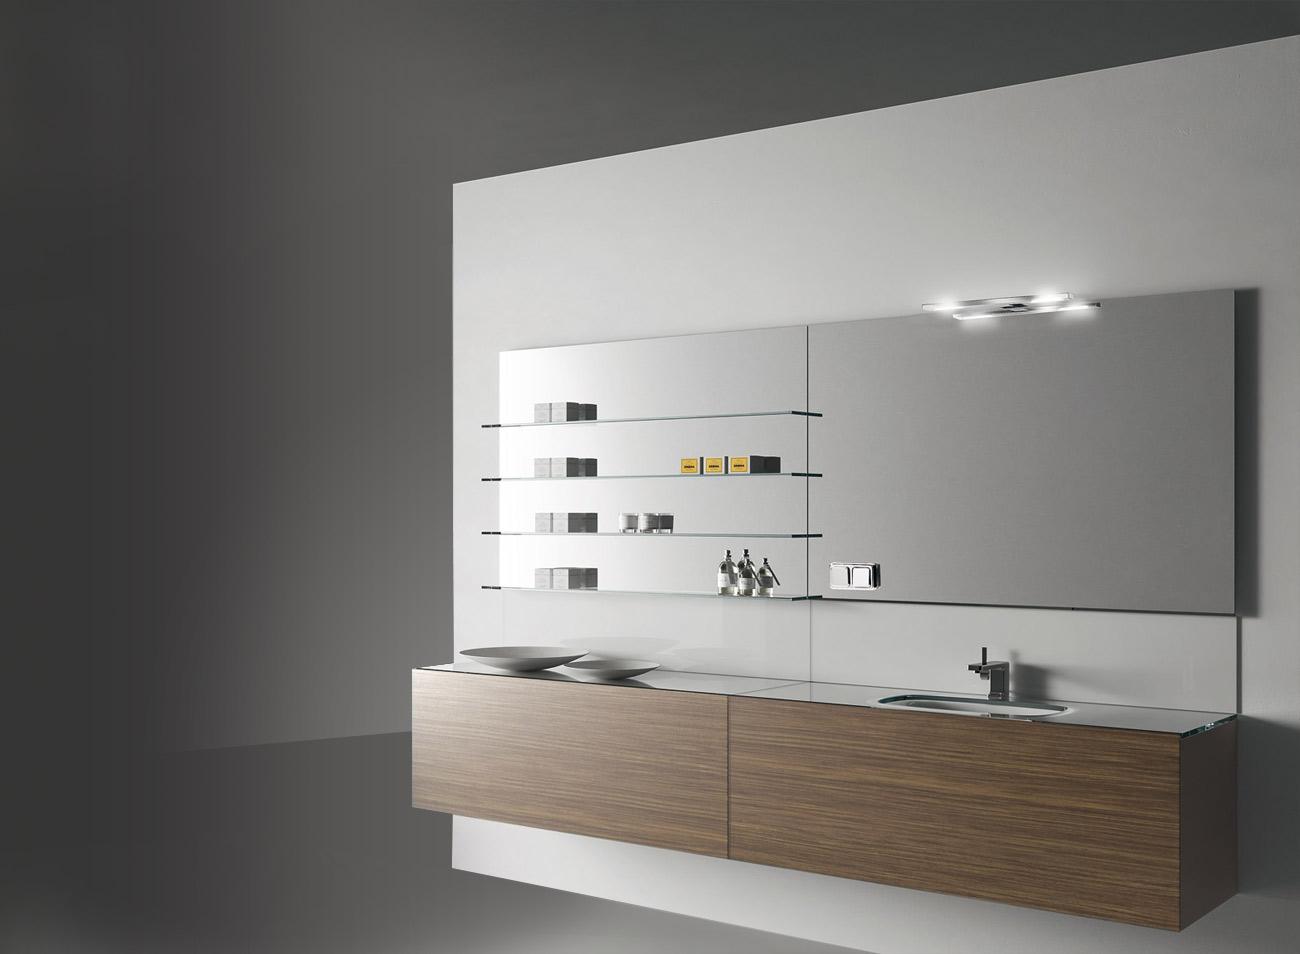 Per bagni moderni specchi per bagni moderni idee ceramiche bagno quotes - Specchi bagno moderni ...